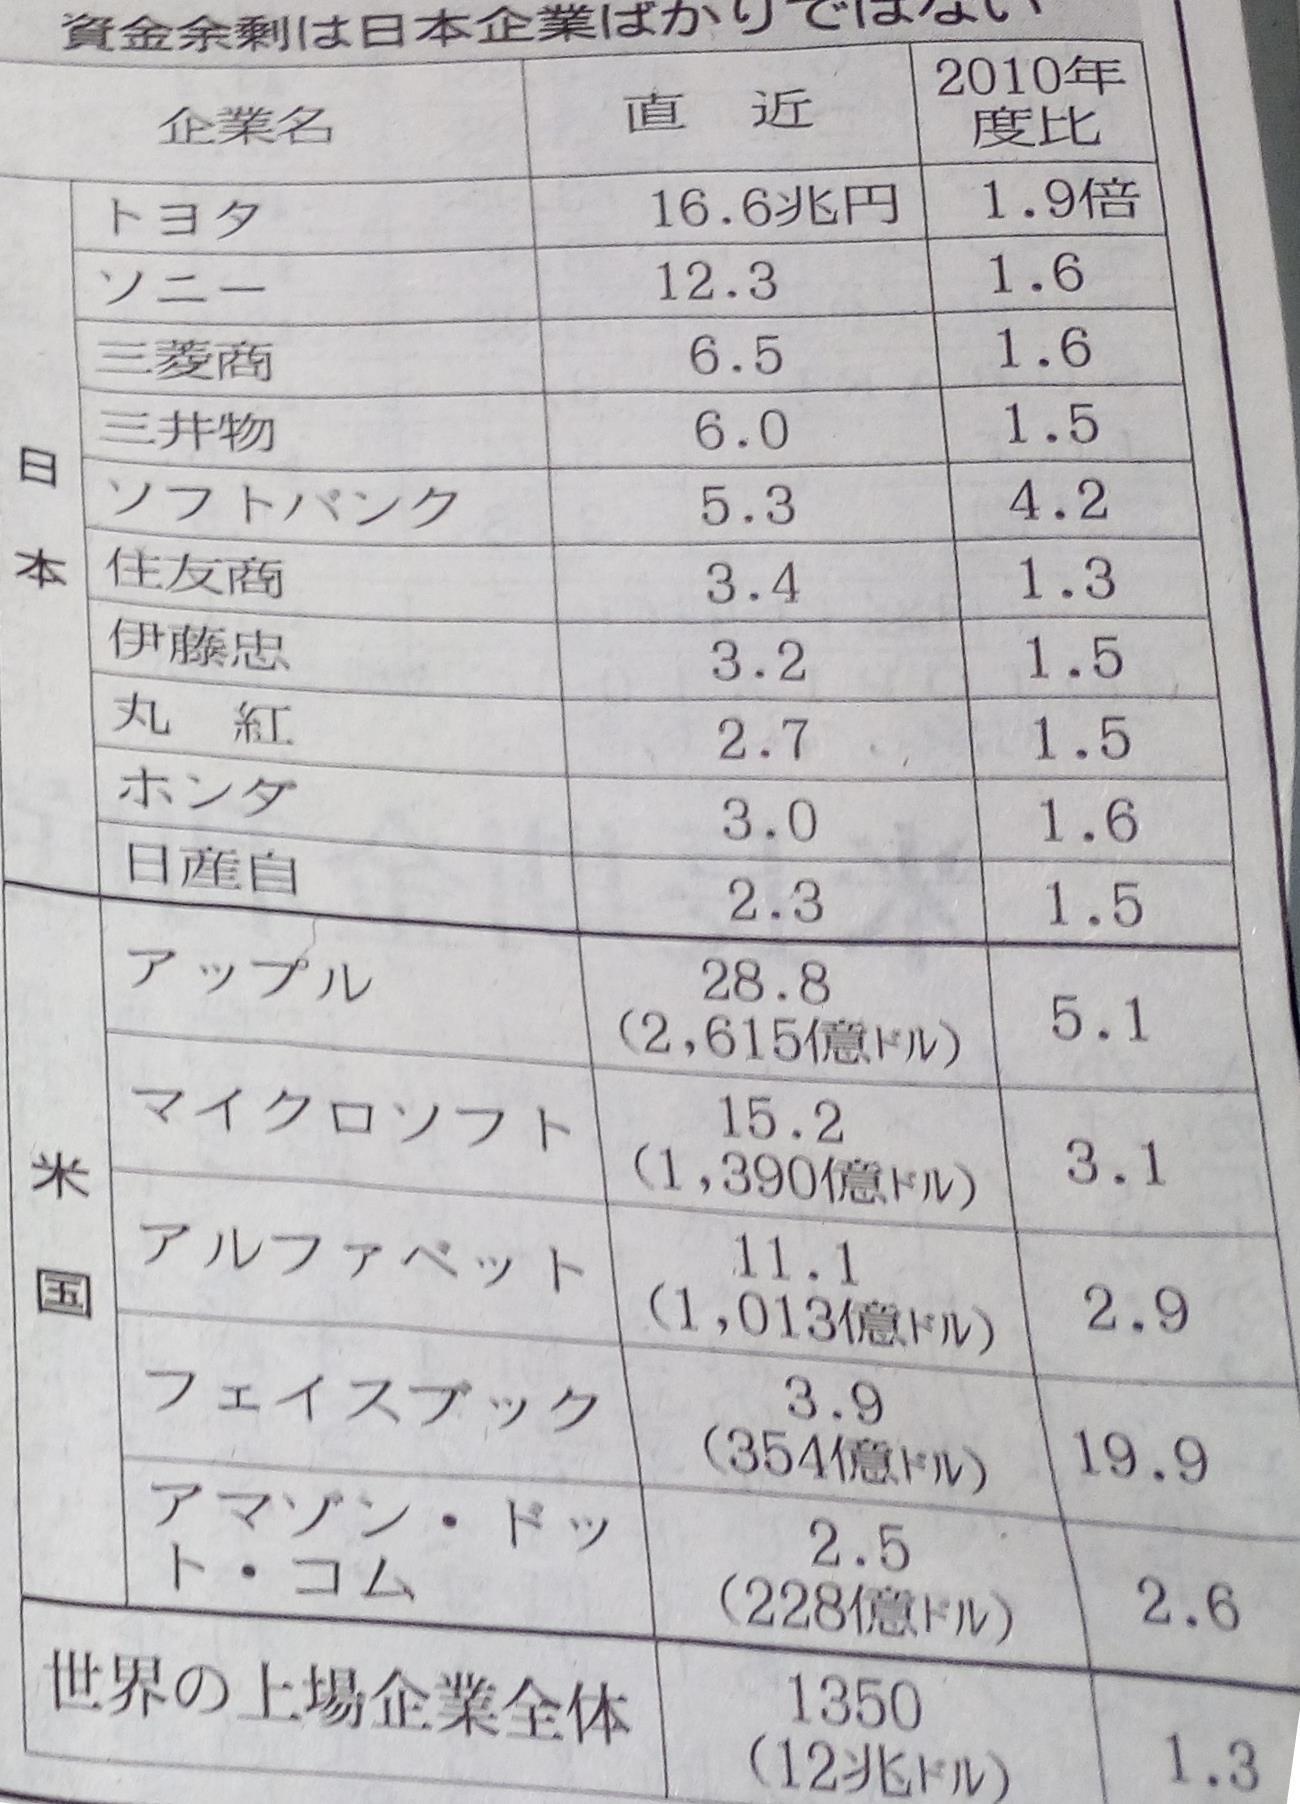 ベルシステム×伊藤忠商事×ベインキャピタル